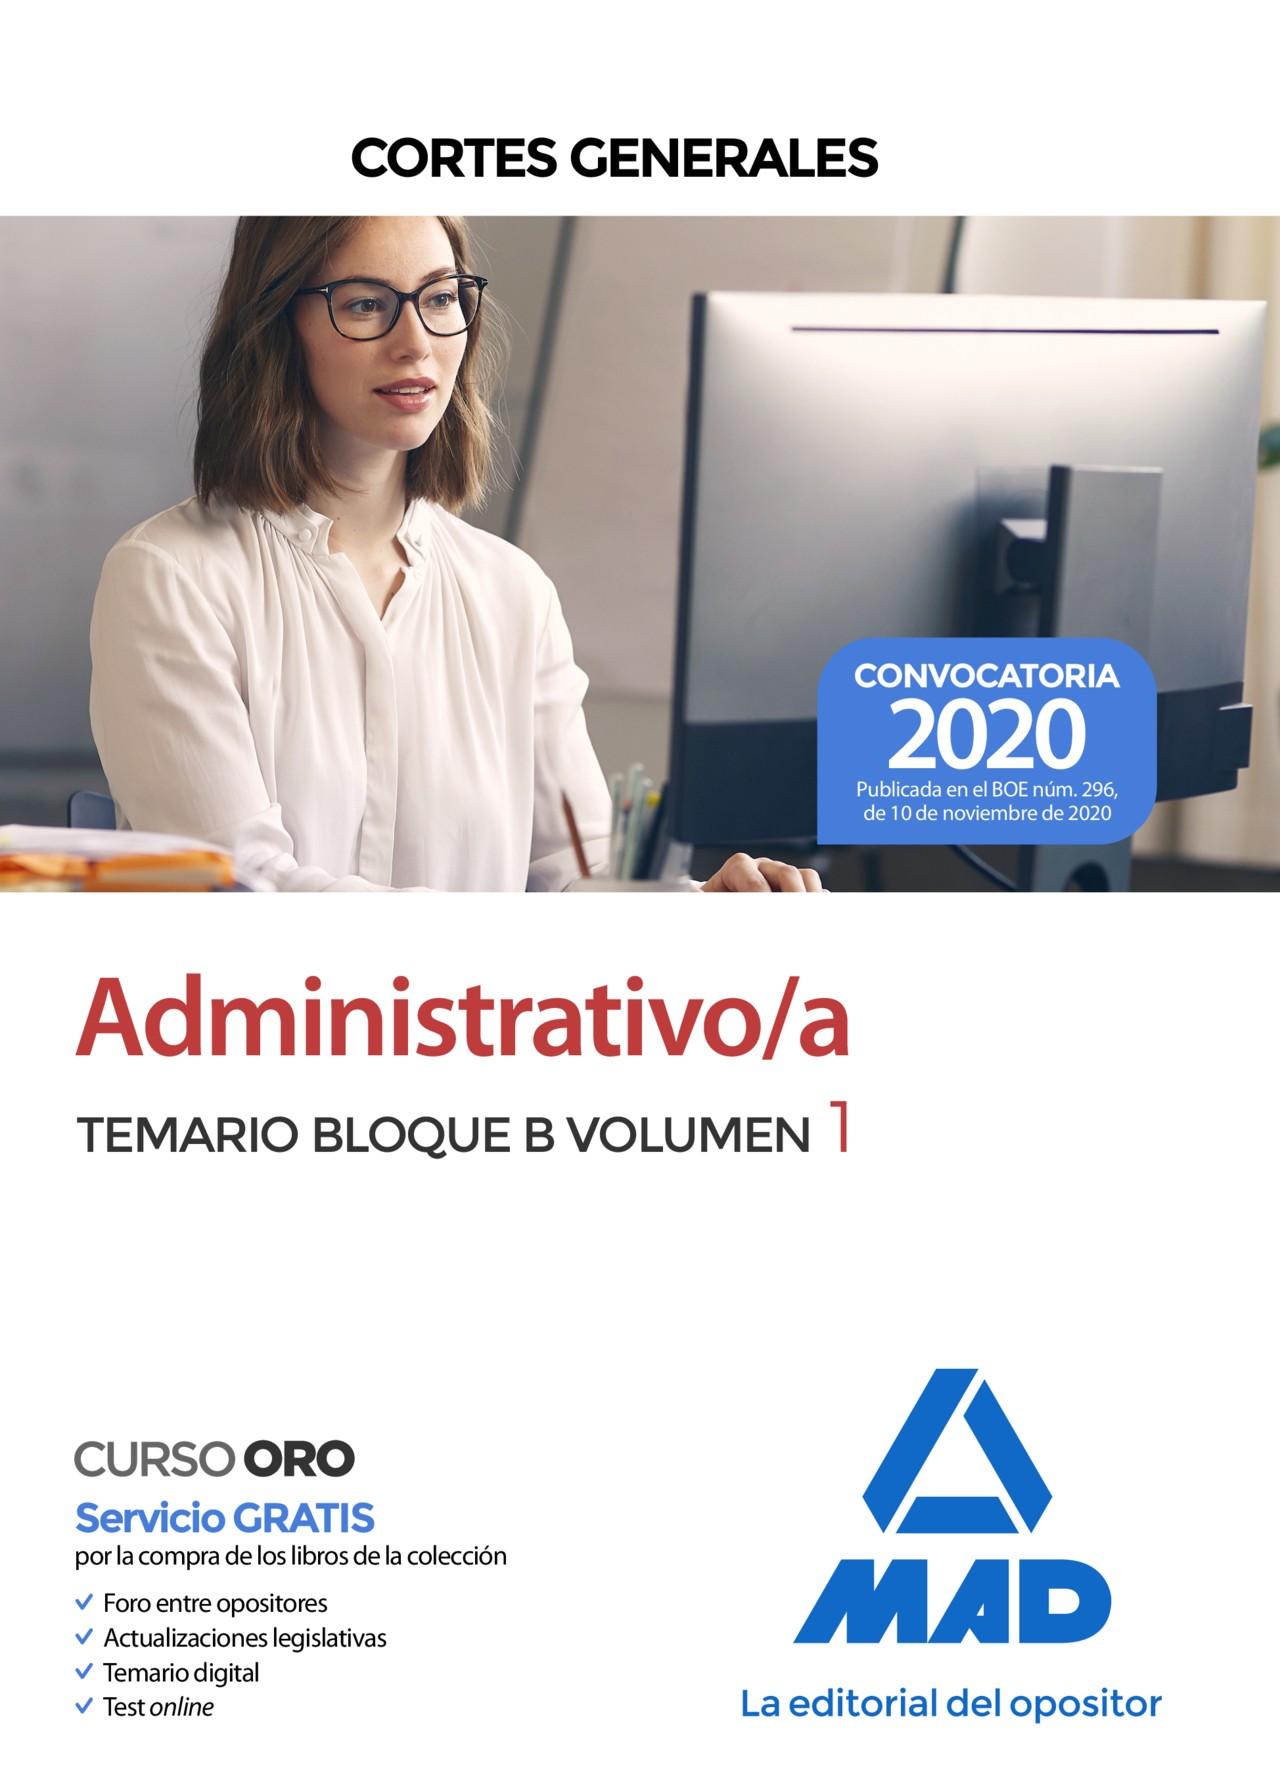 Administrativo de las Cortes Generales